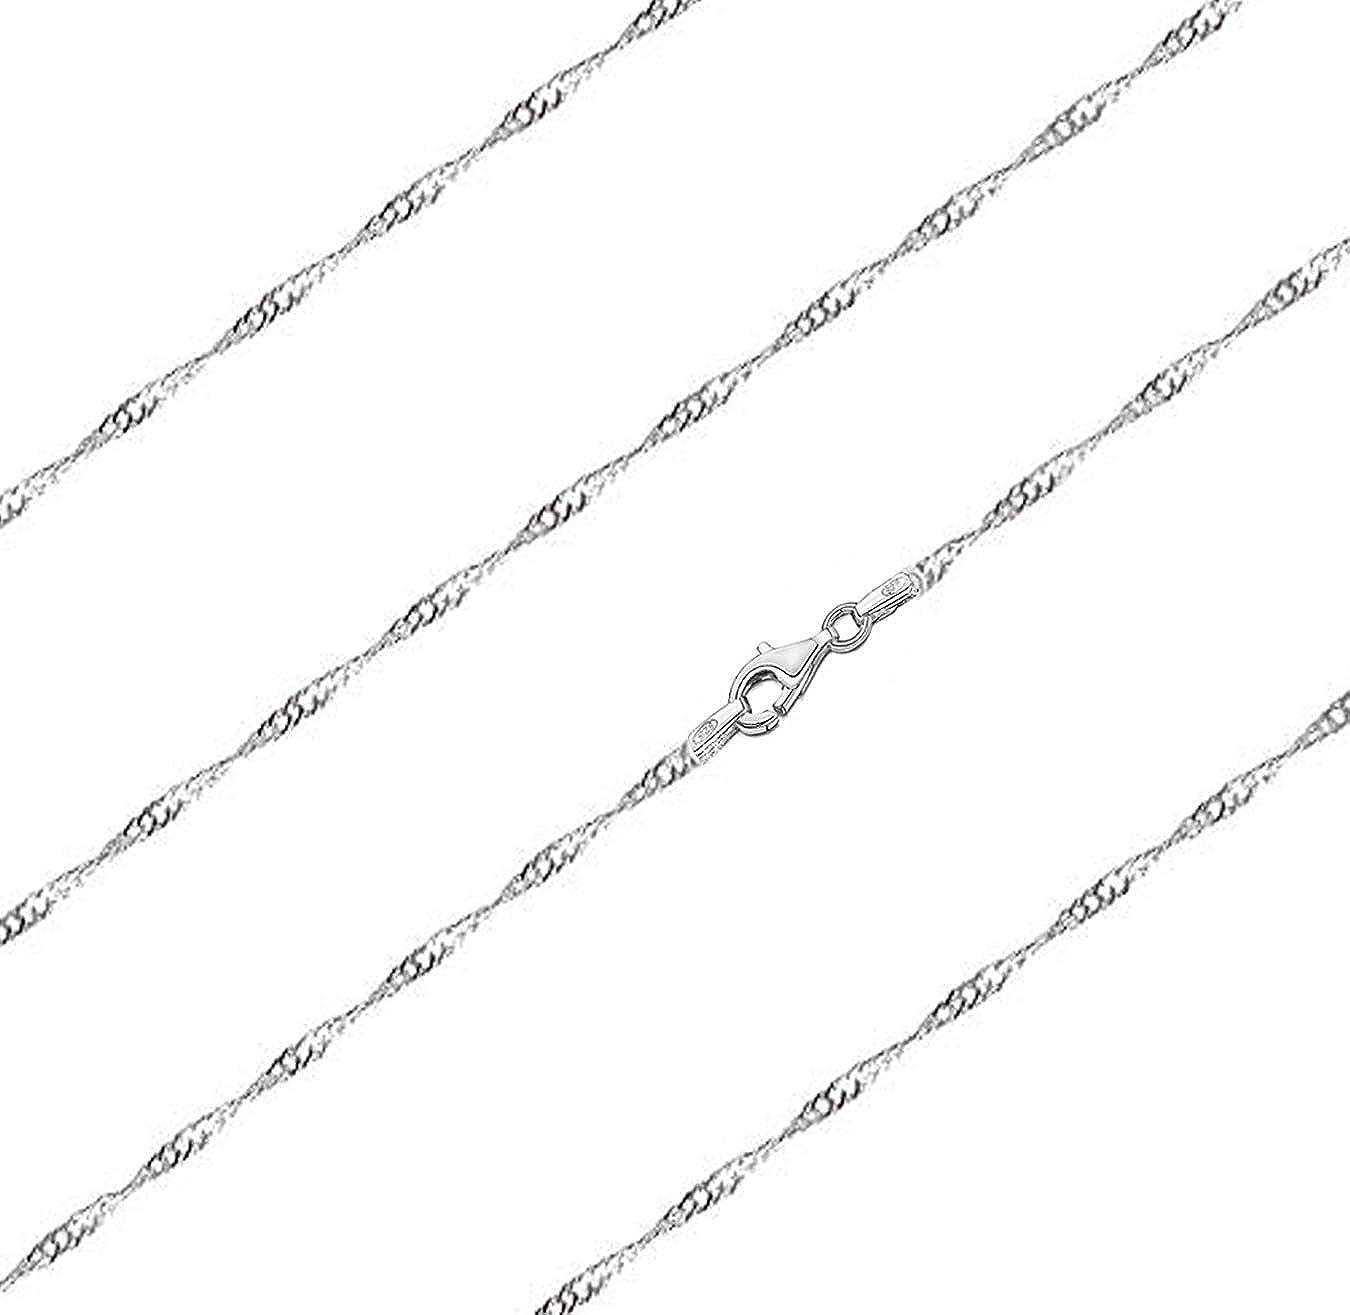 Panzerkette 1,5 mm breit Verschiedene L/ängen 40 45 50 55 65cm Damen-Halskette 925//000 Sterlingsilber Schlangenkette Singapurkette 925 Silber Halskette gedreht